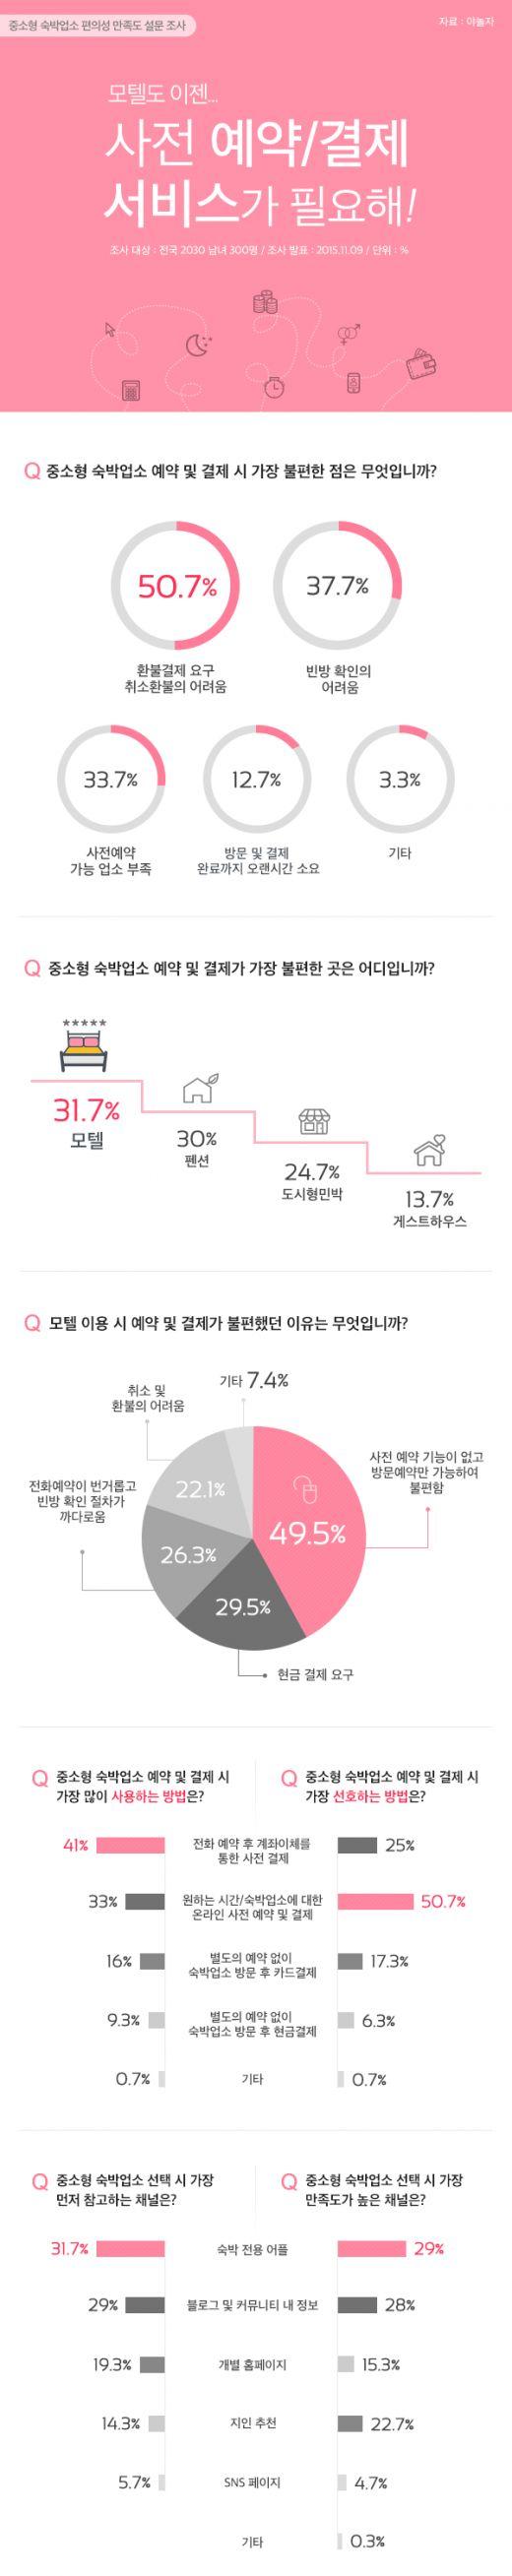 """""""모텔도 사전 예약 가능했으면""""…중소형 숙박업소 만족도 설문조사"""